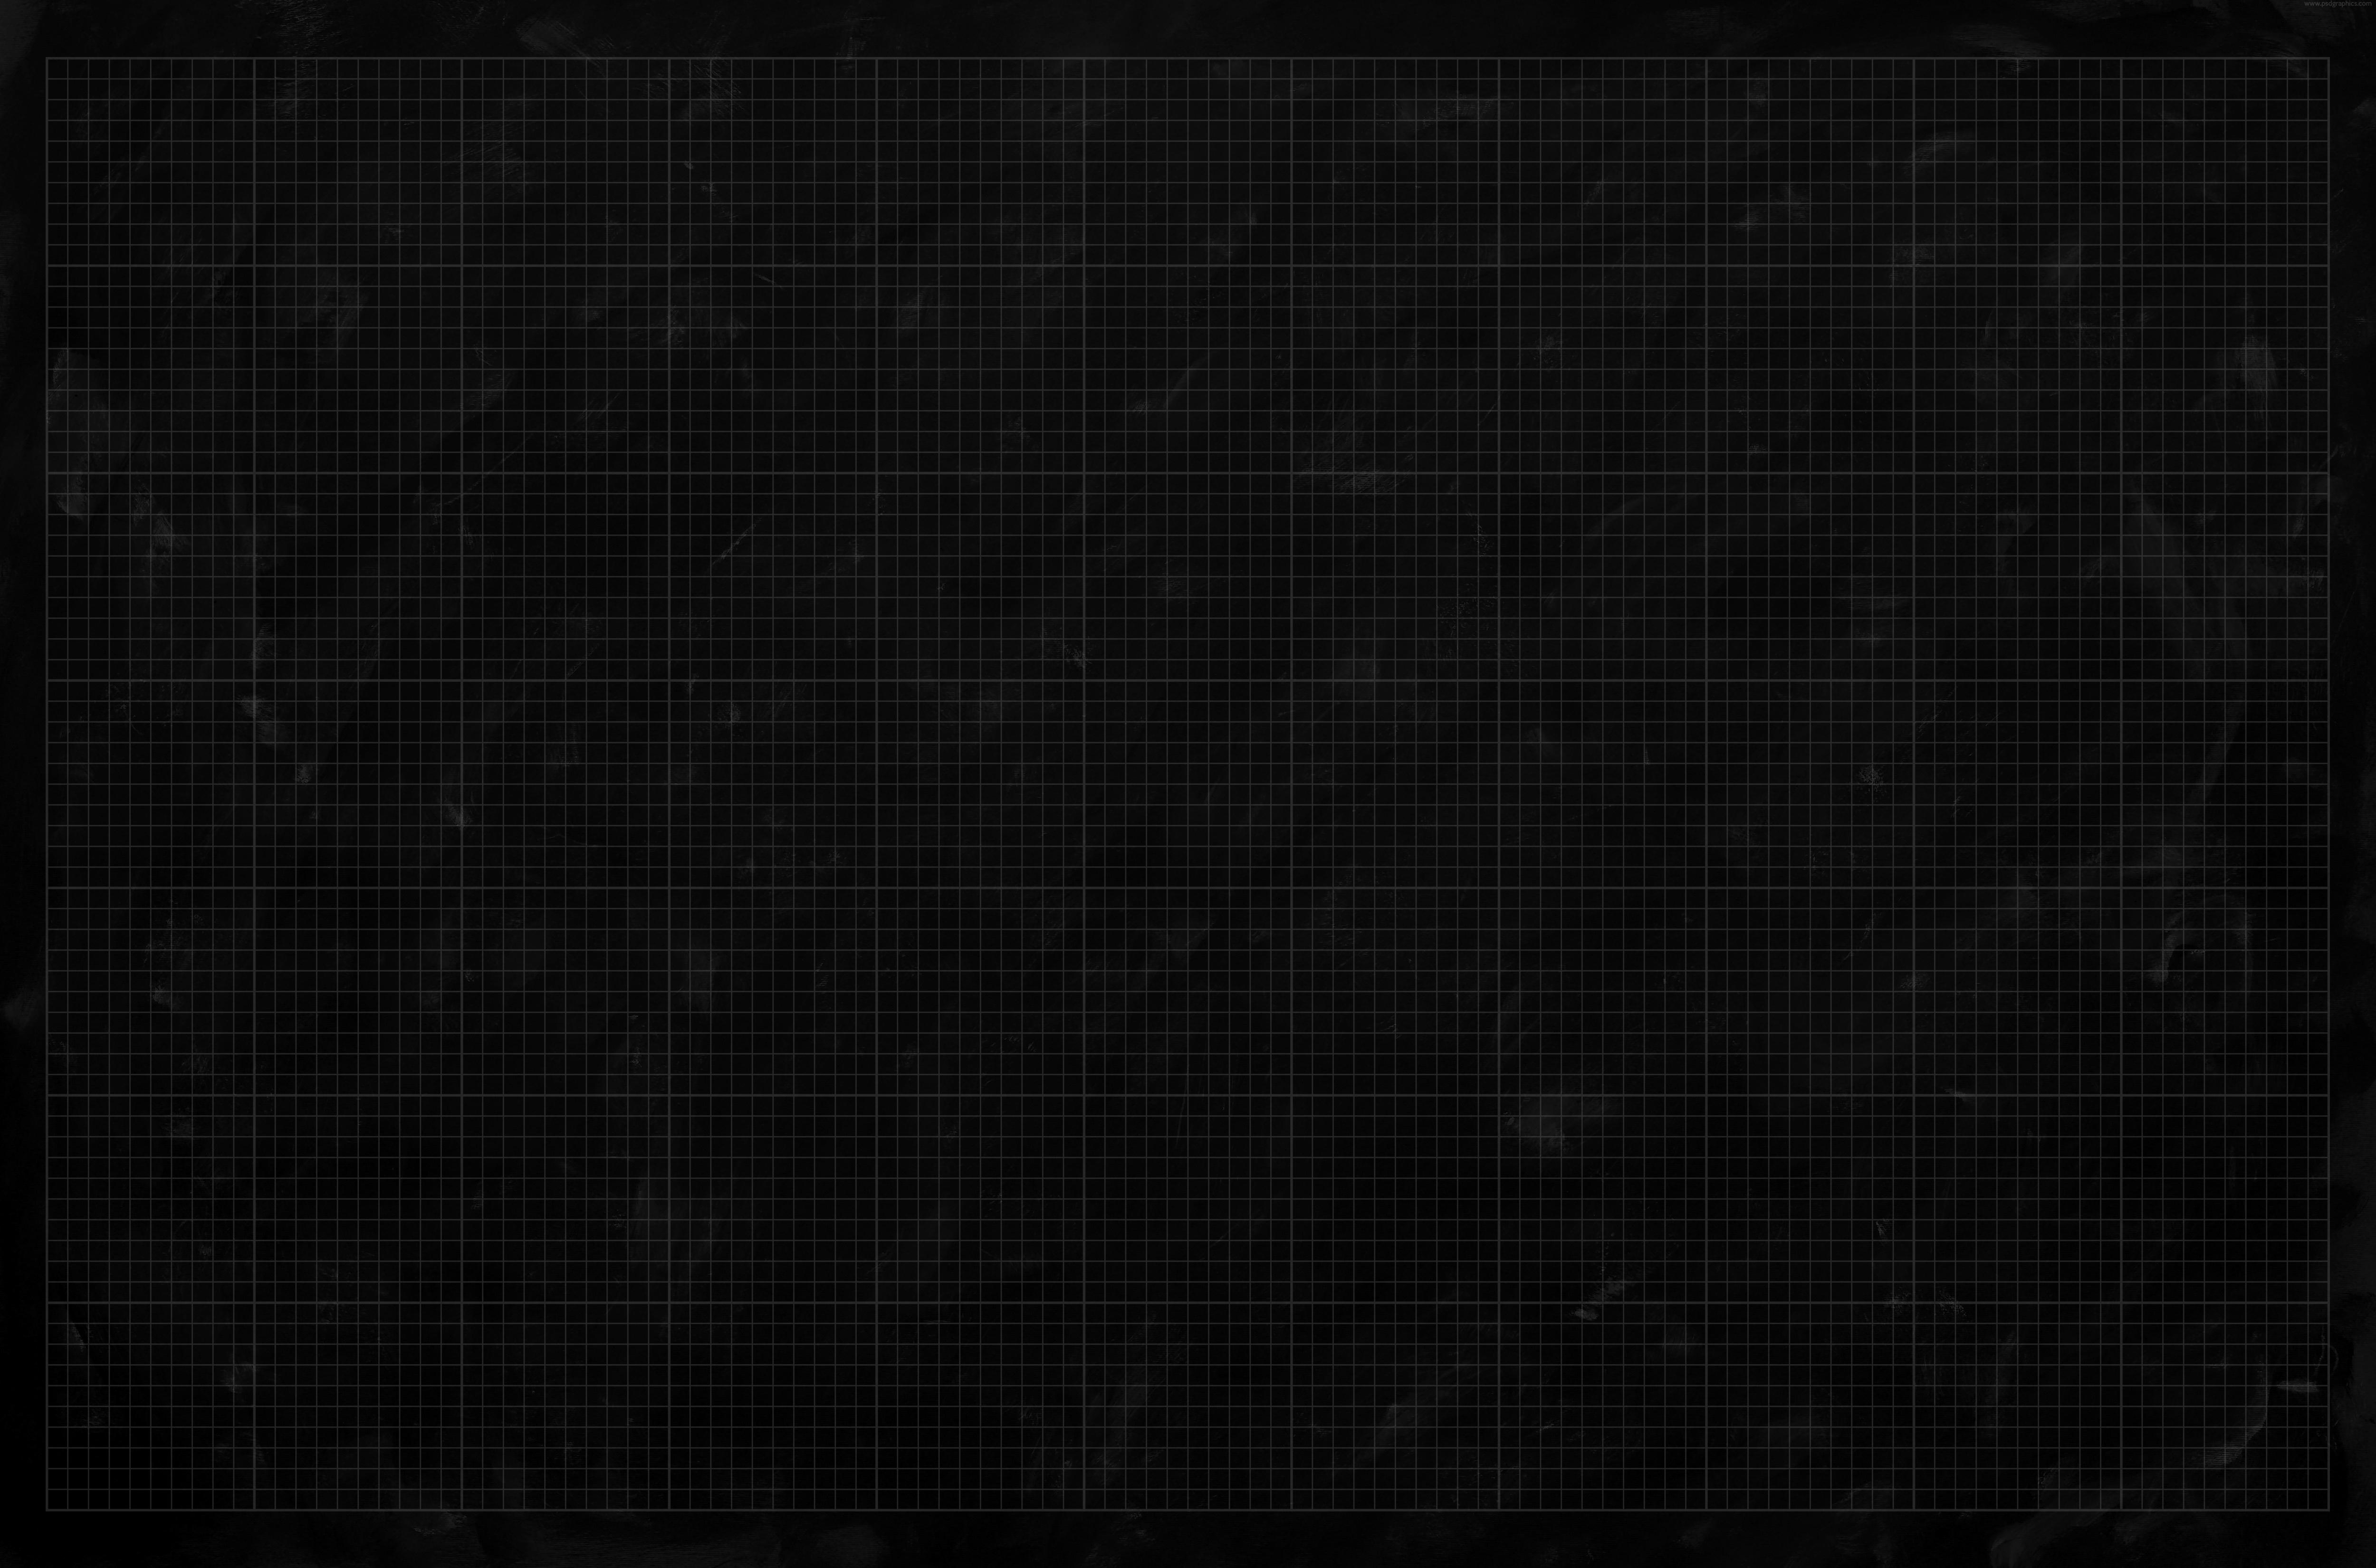 Black Graph Paper Texture